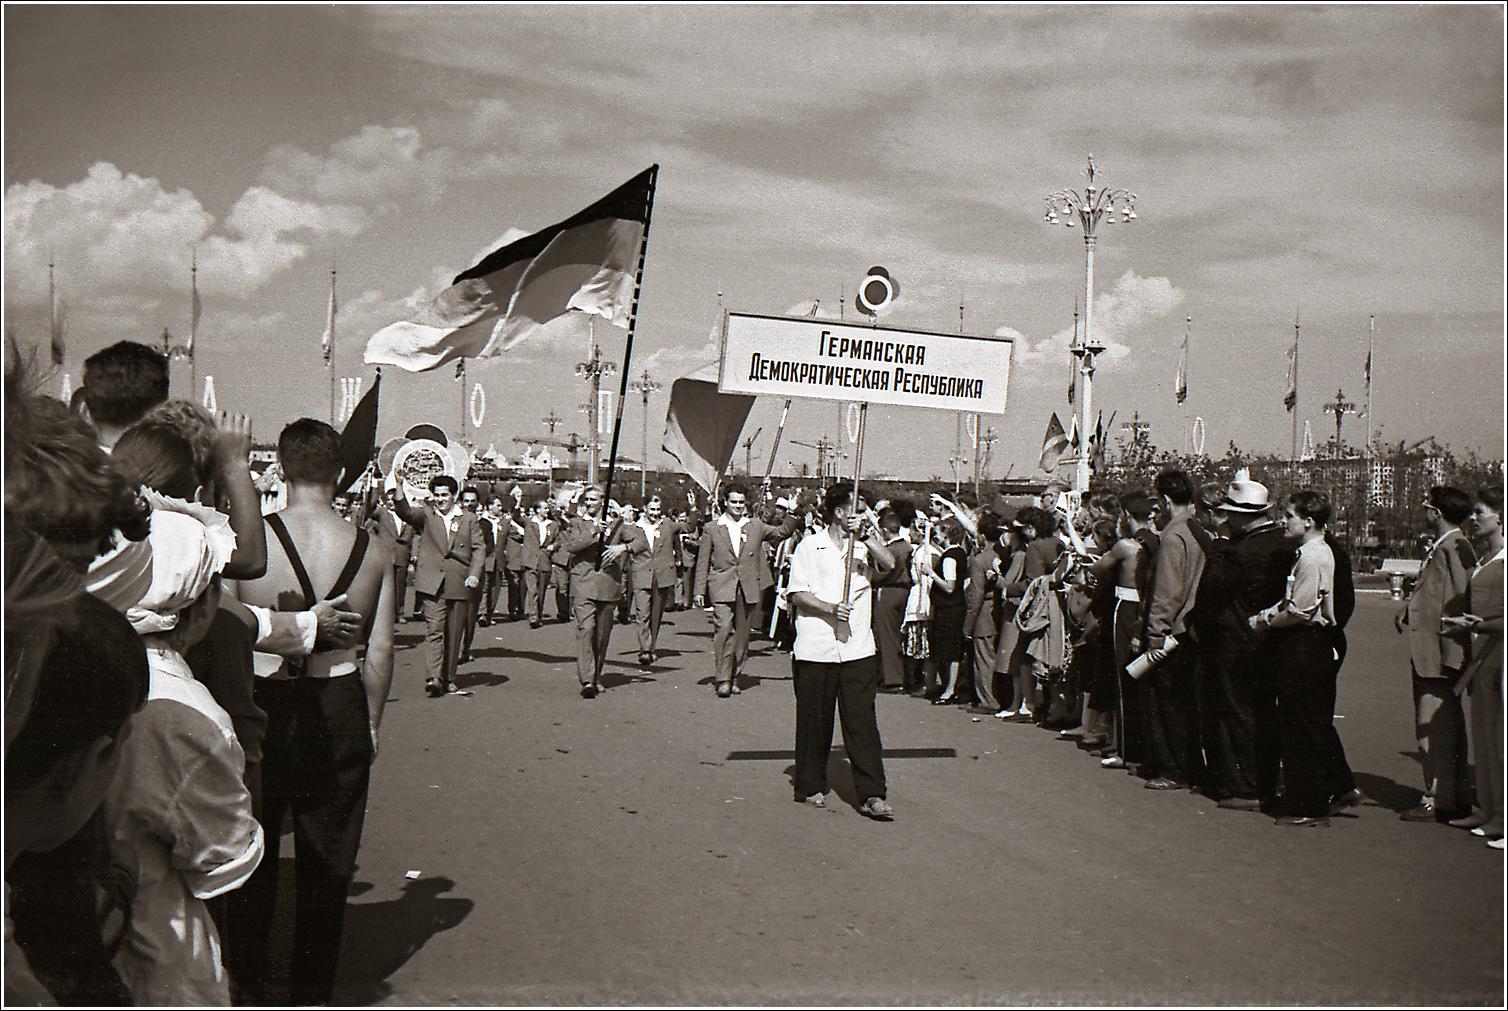 124. 1957. VI Всемирный фестиваль молодёжи и студентов, открывшийся 28 июля 1957 года в Москве. Лужники, прохождение делегаций, ГДР